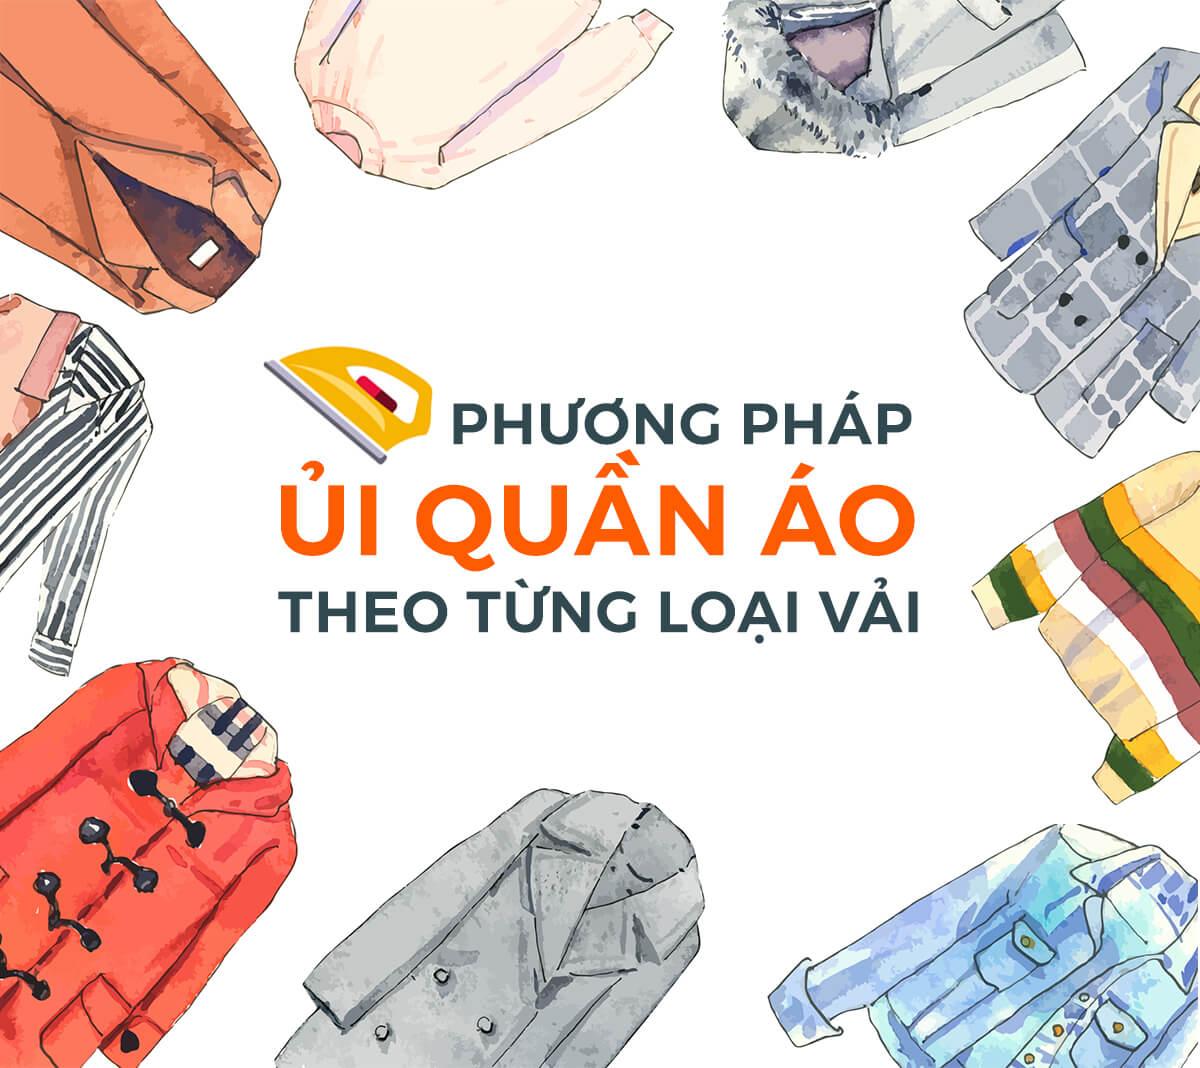 phuong-phap-ui-quan-ao-theo-tung-loai-vai